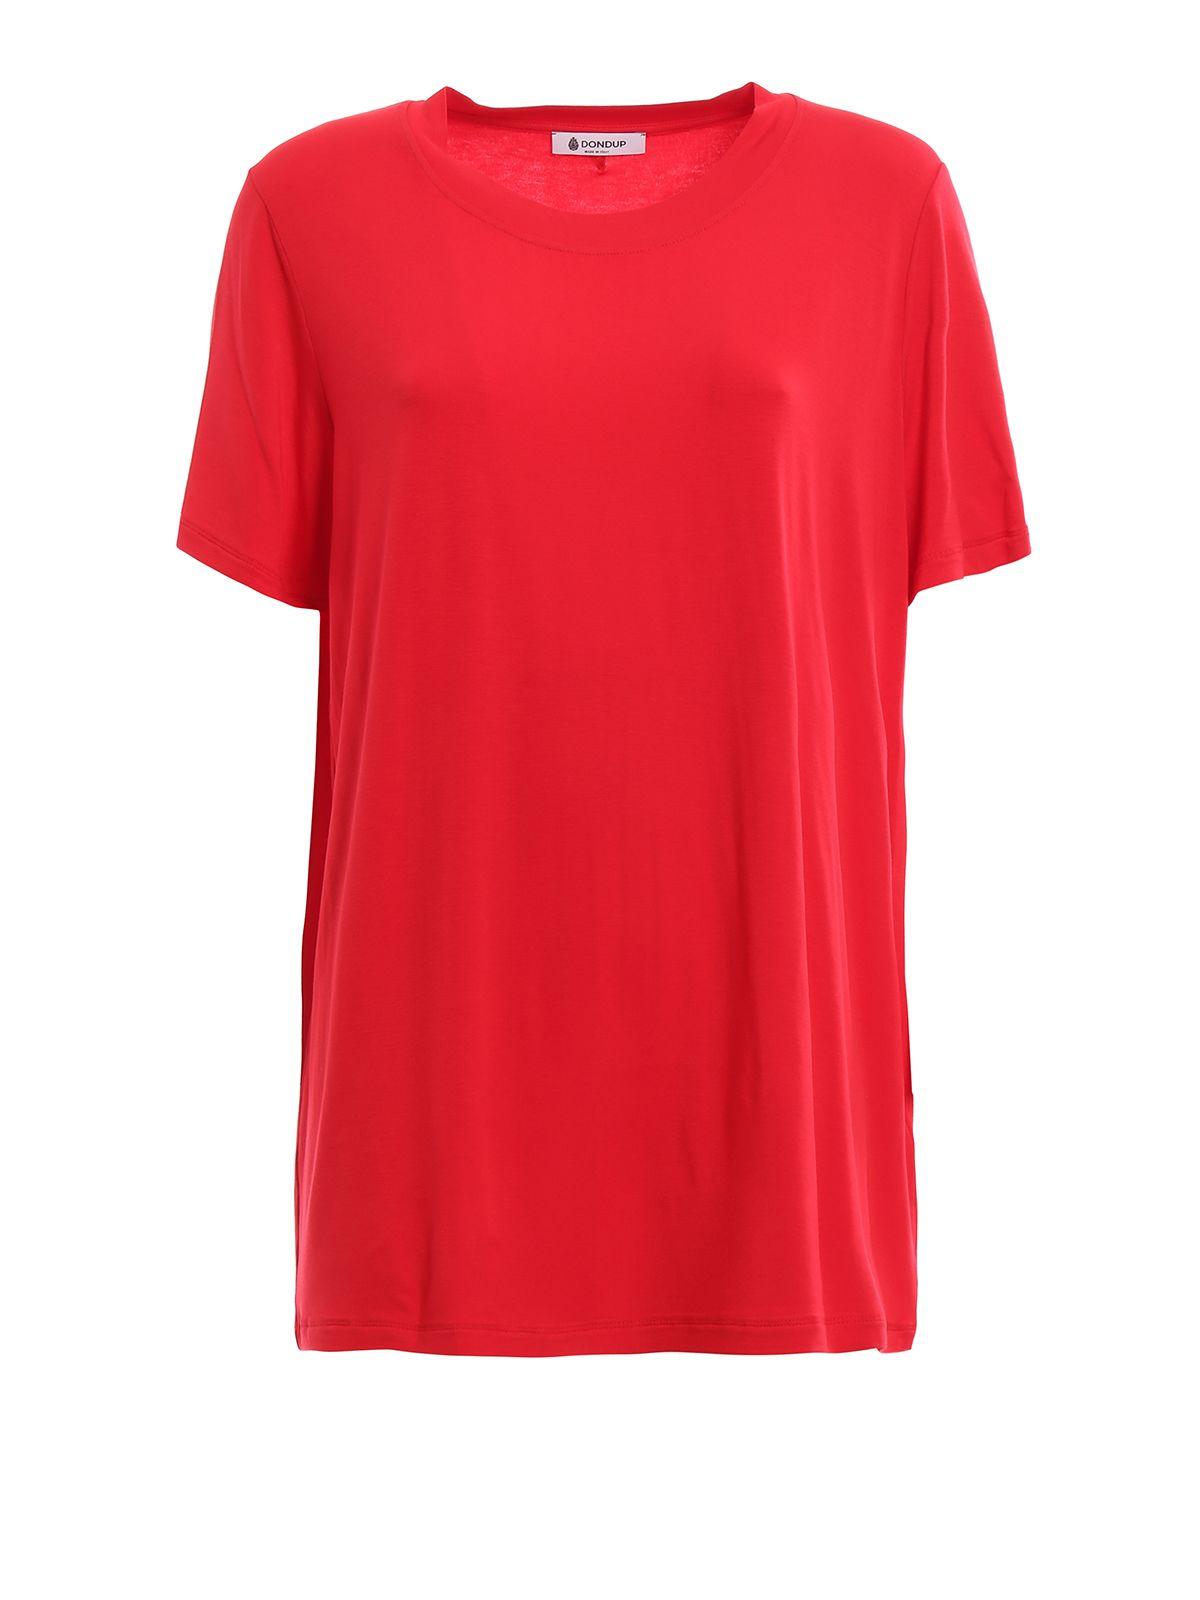 Sunbury T-shirt